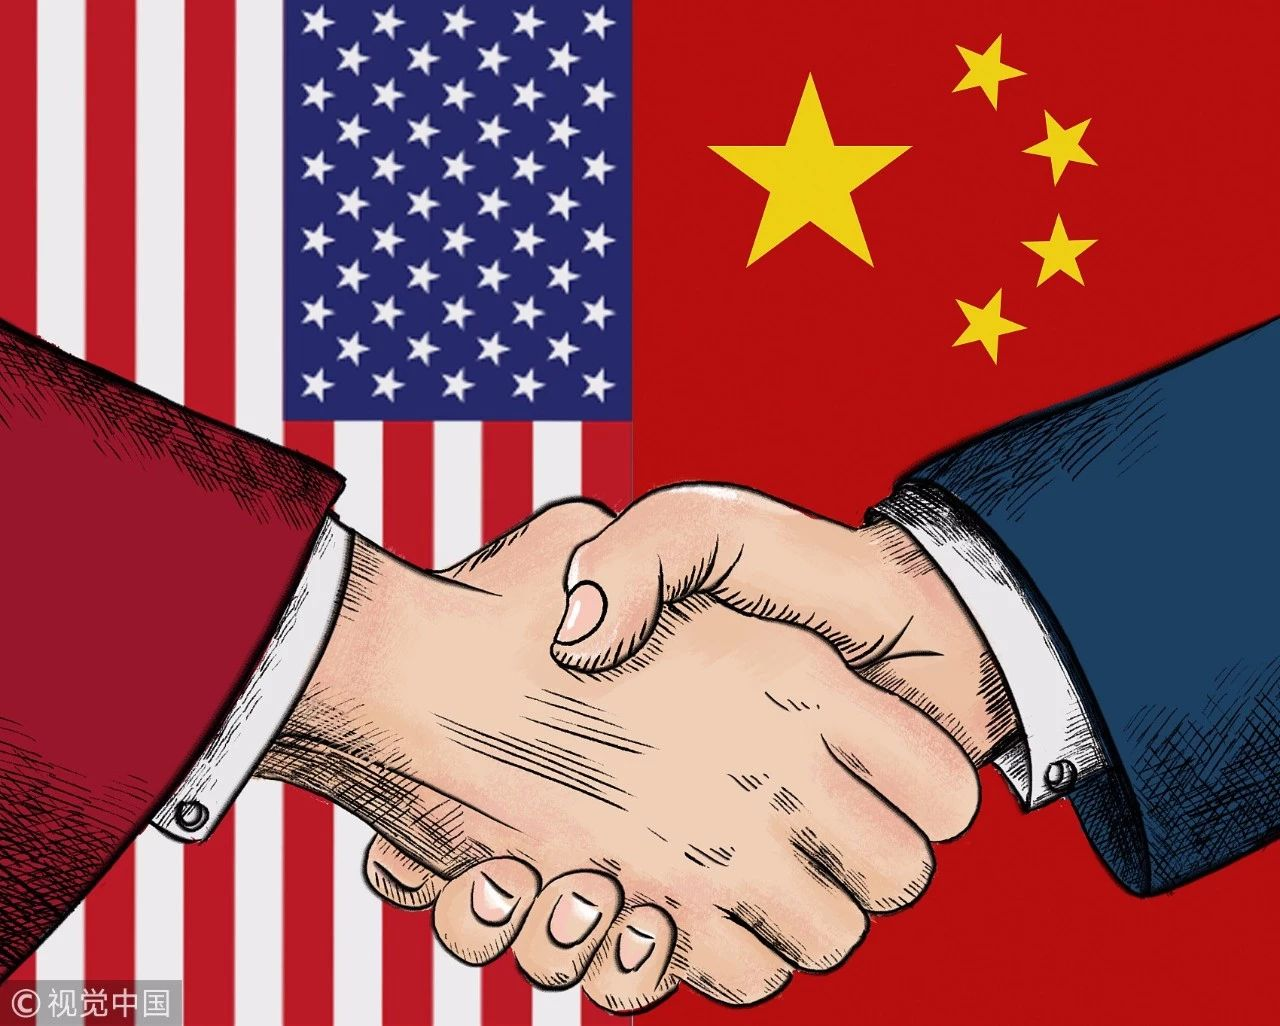 事情正在起变化!中美经贸磋商结束,释放了三点清晰的信号